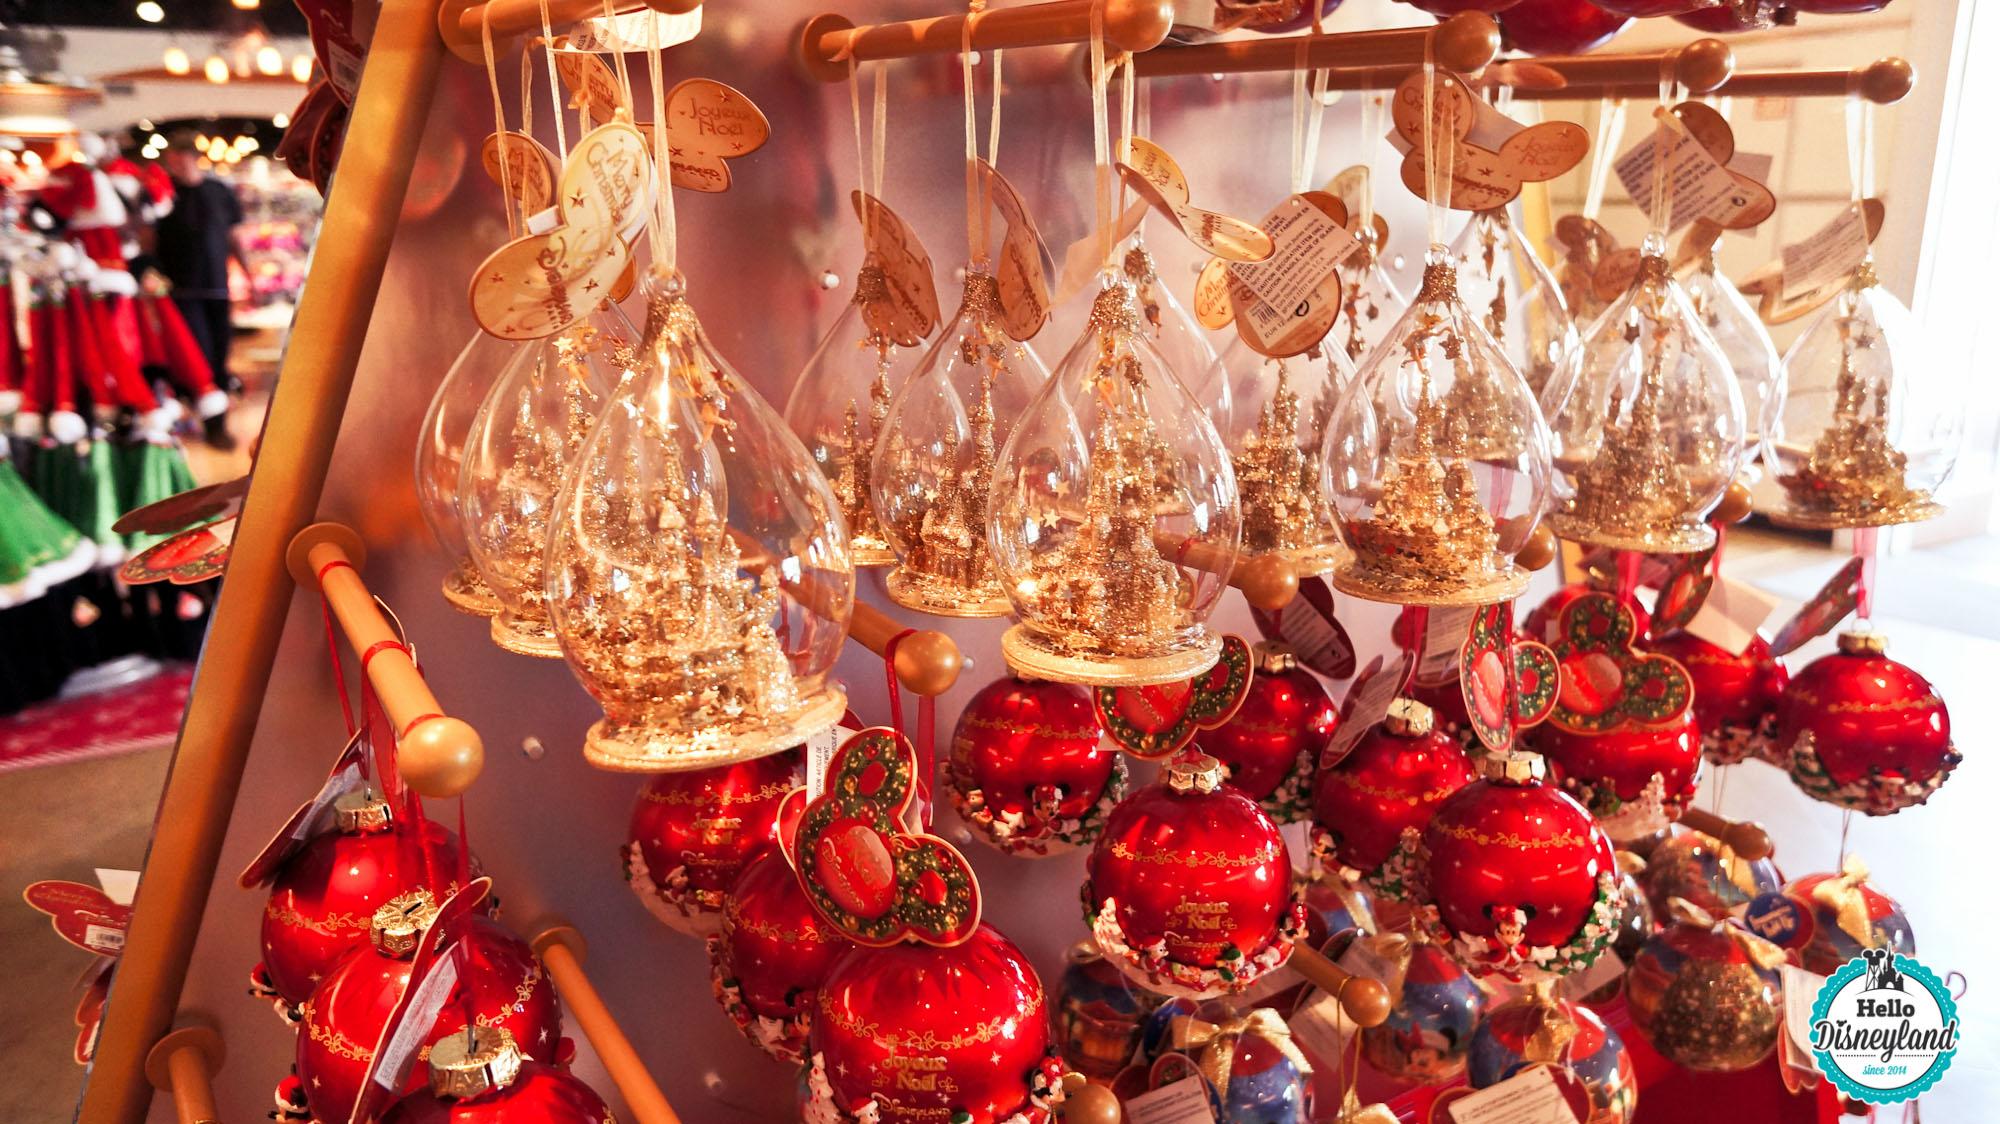 Retrouvez les décorations de Noël à Disneyland Paris toute l\u0027année à la  Boutique du Château et actuellement à World of Disney, Emporium et Walt  Disney